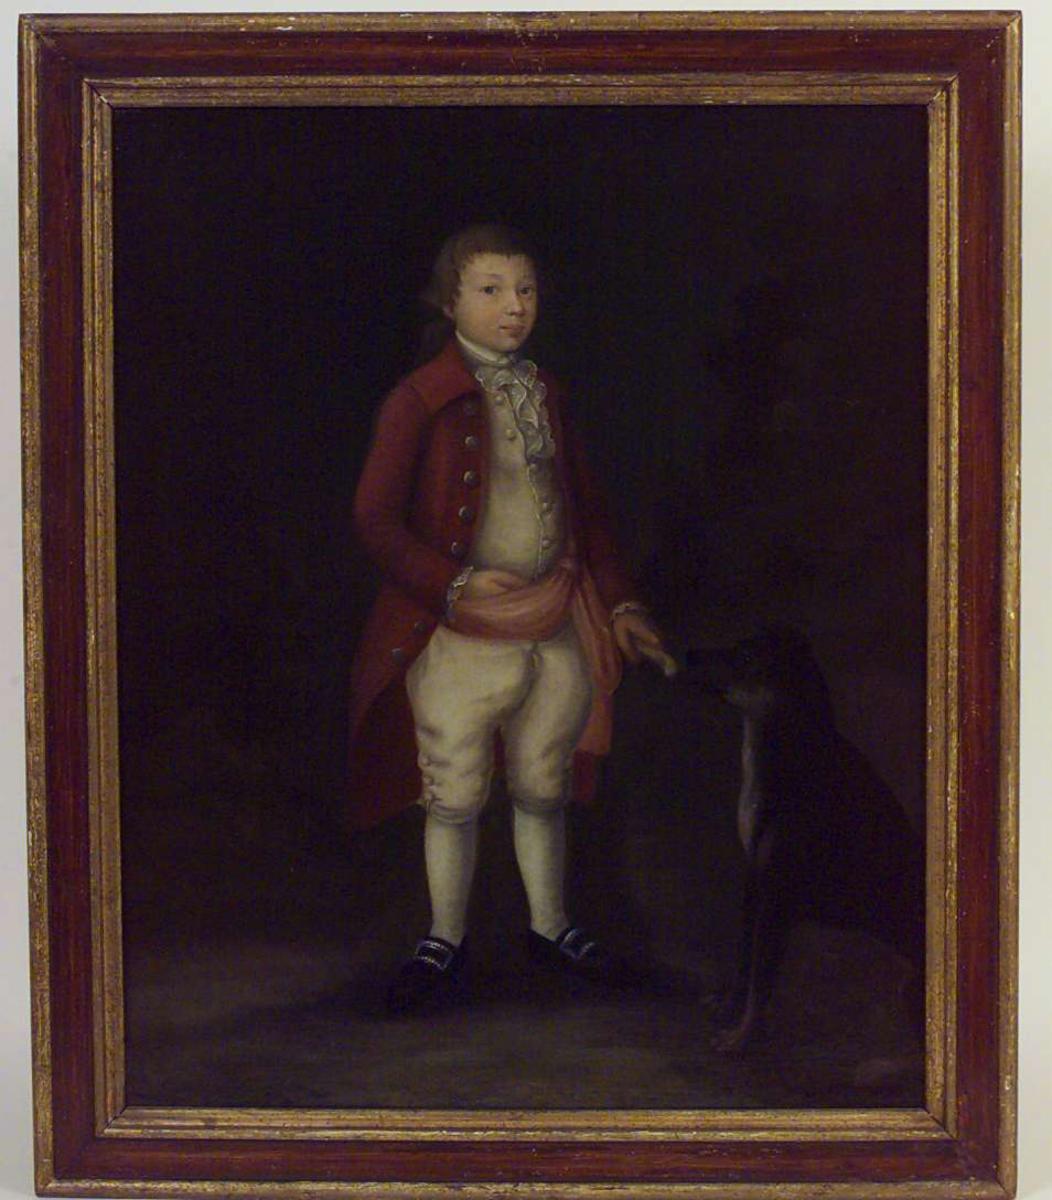 Barneportrett av Kield Hansen i 1700-tallsdrakt.